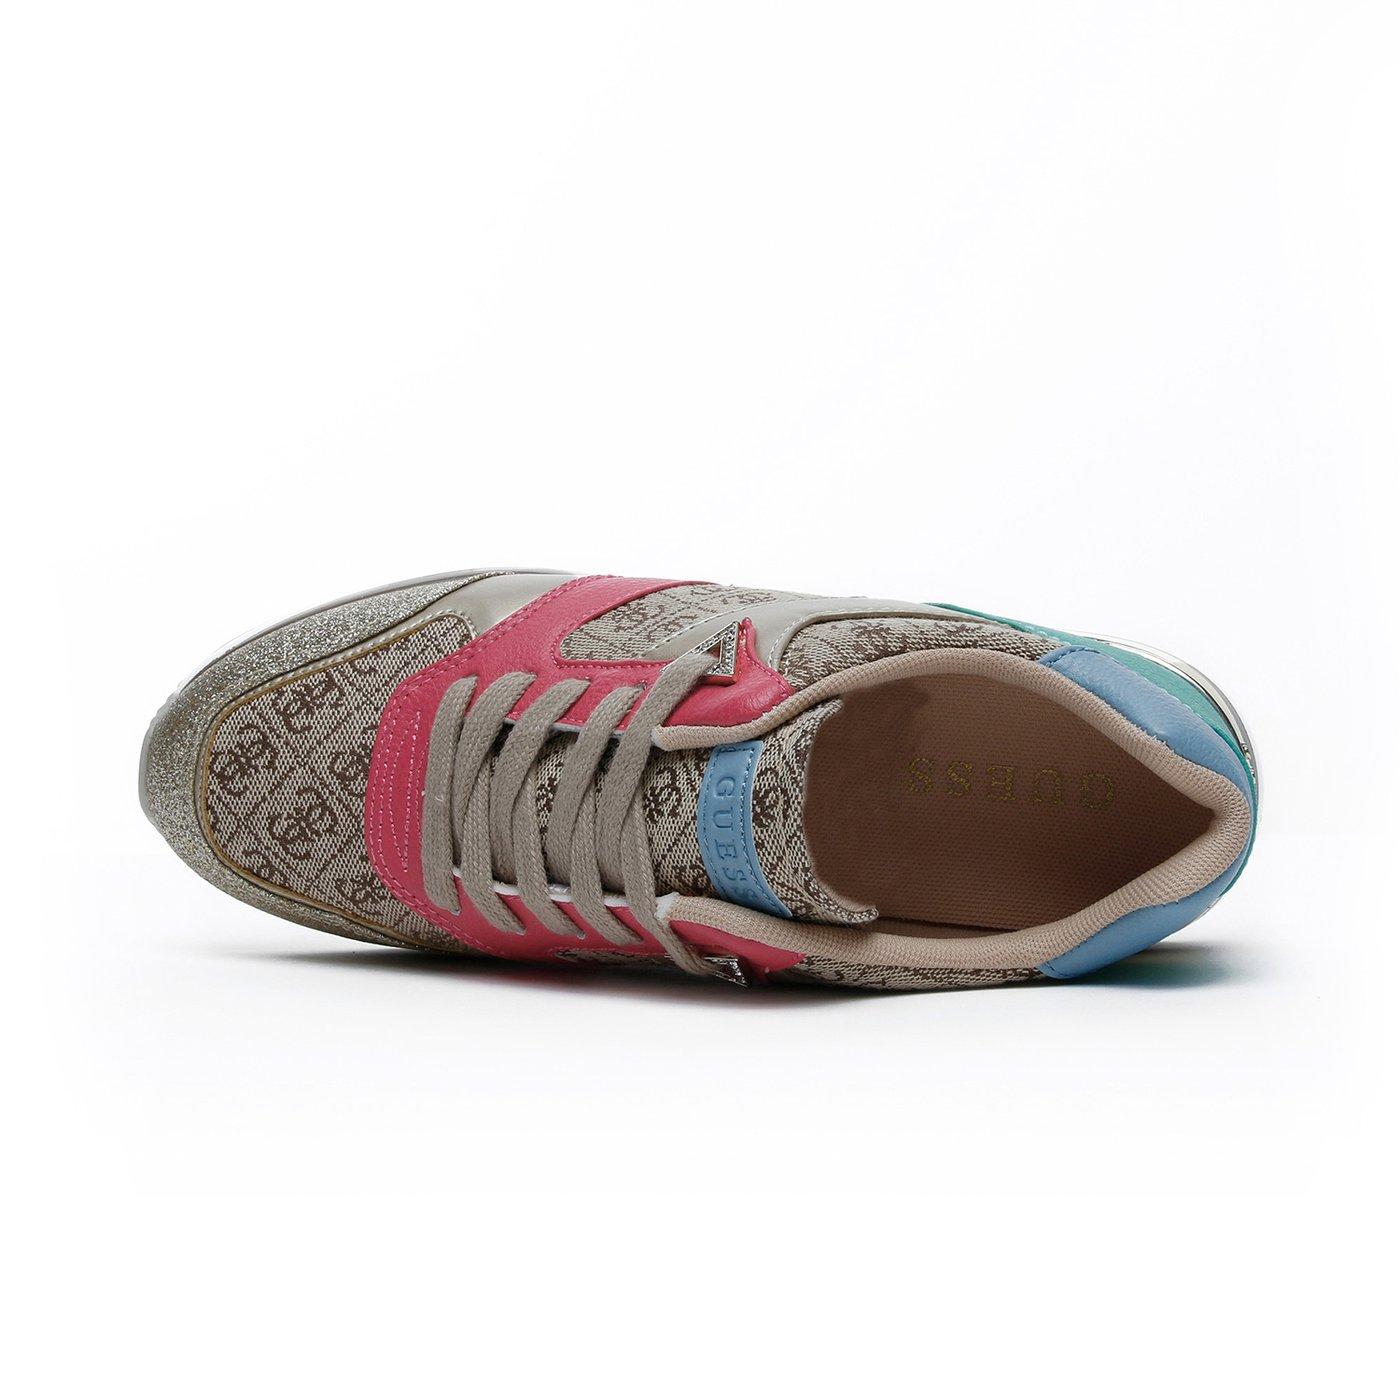 Guess Motiv Kadın Spor Ayakkabı